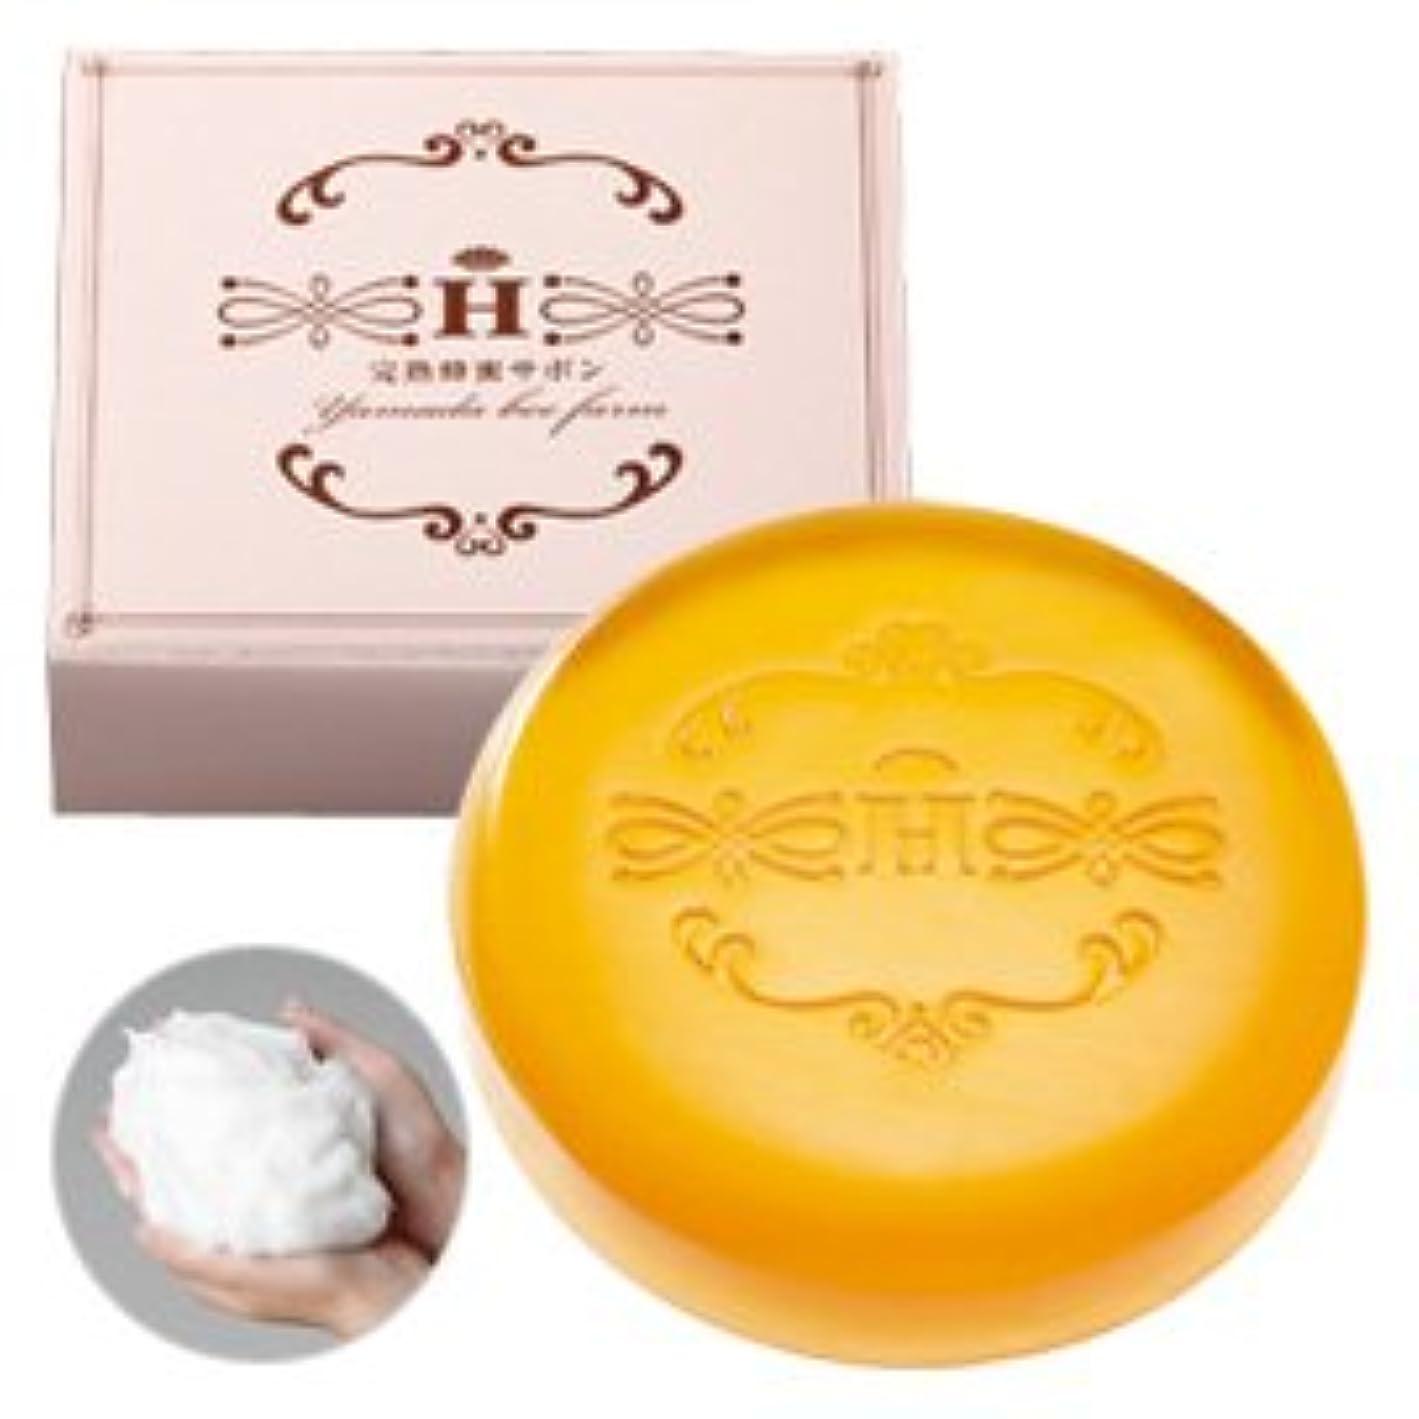 口述するヒステリックジュースハニーラボ 完熟蜂蜜サボン〈枠練〉 60g (箱入り)/Honey Lab Ripen Honey Soap <60g> In a box